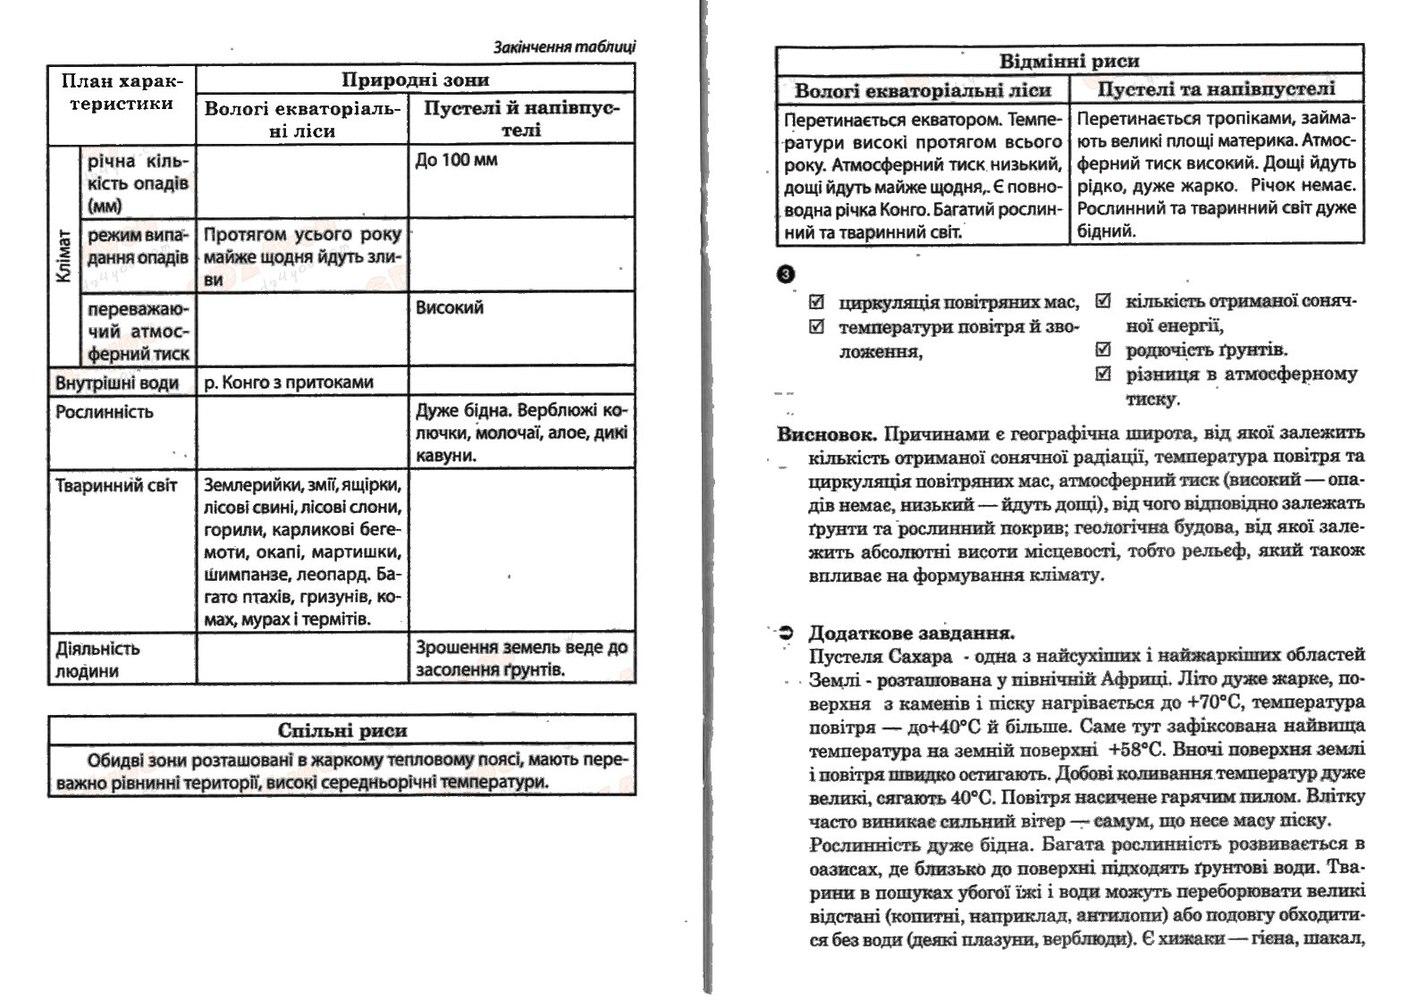 ГДЗ відповіді робочий зошит по географии 7 класс О.Г. Стадник. Задание: №9(3)